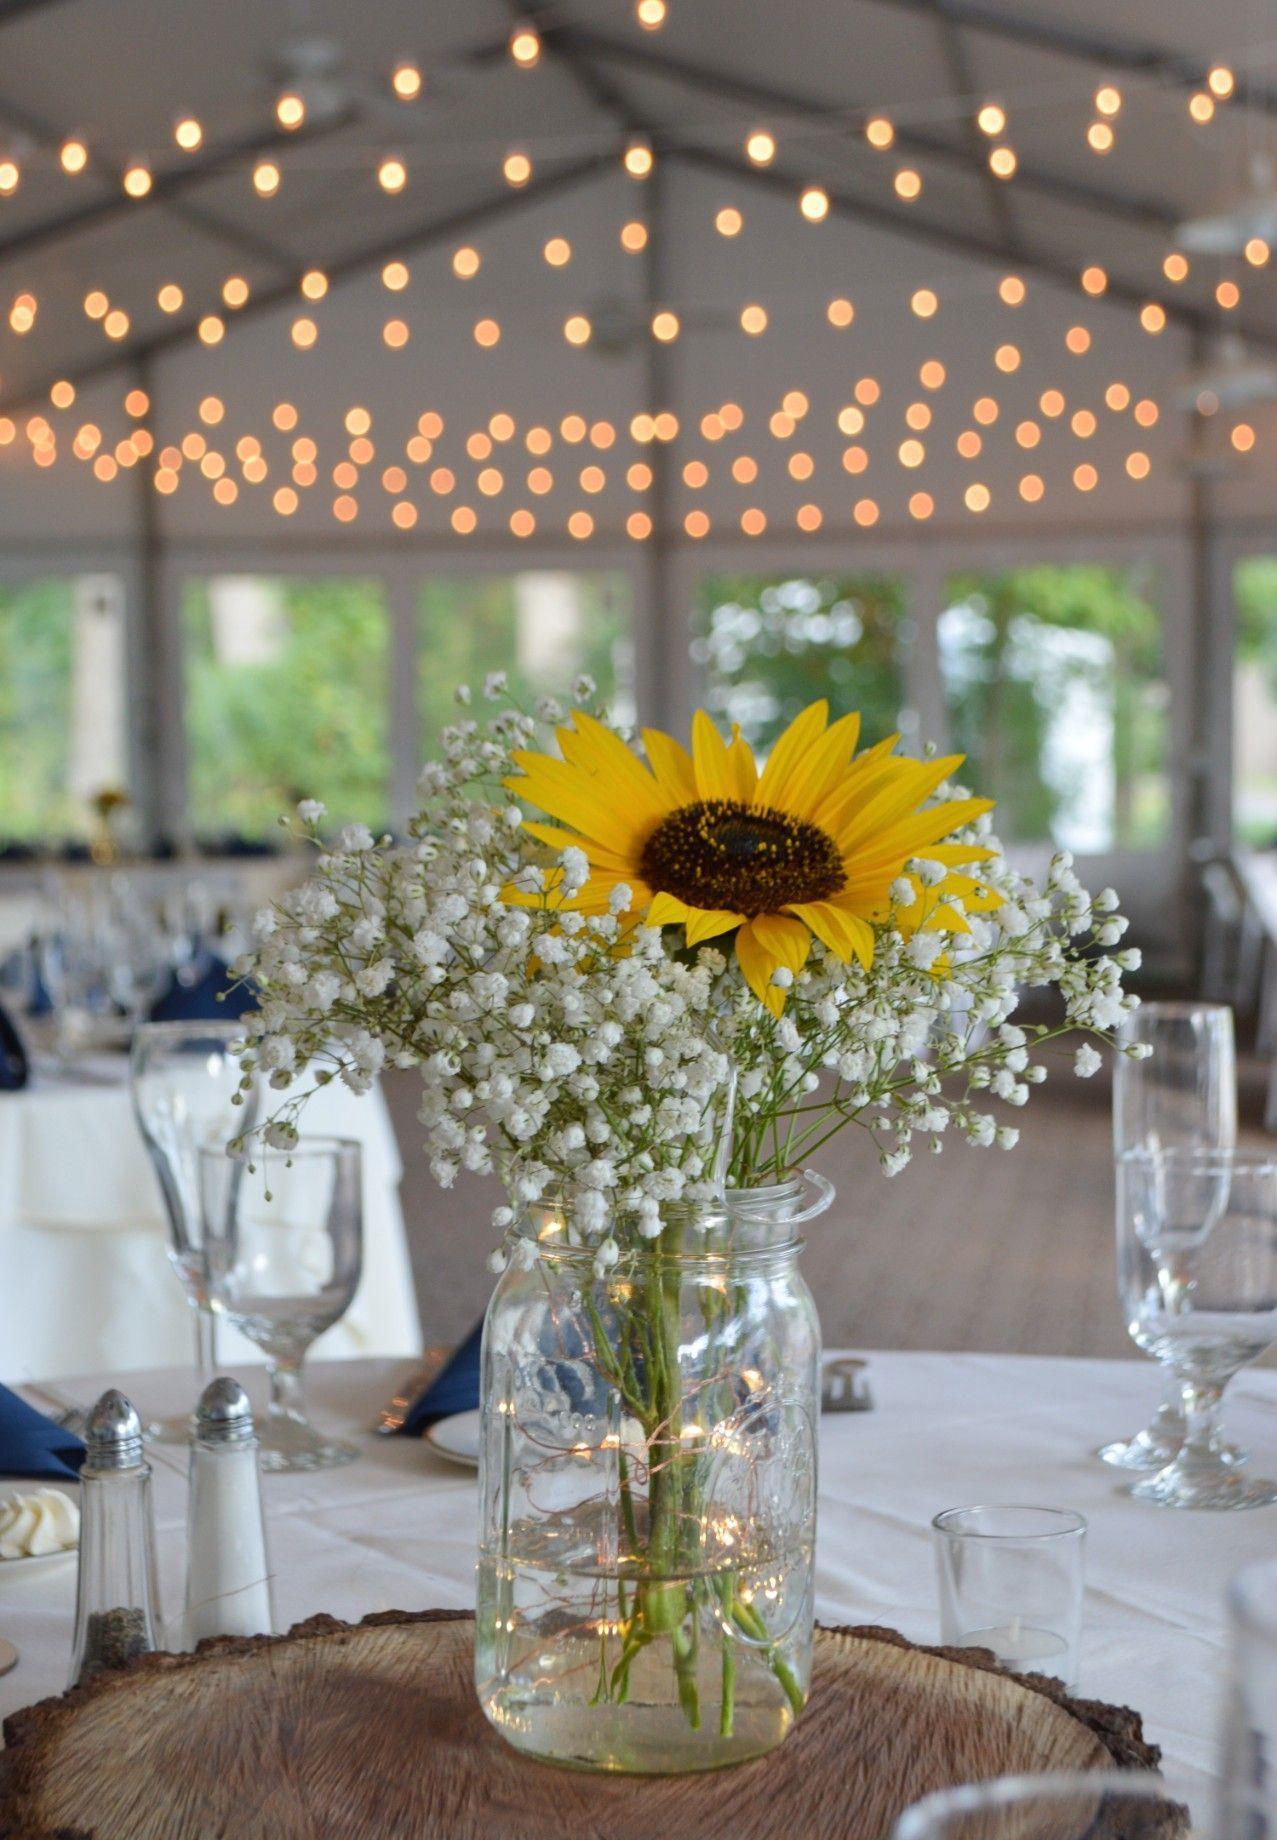 Pin by Lisa Watt on Parties in 2020 Wedding flowers